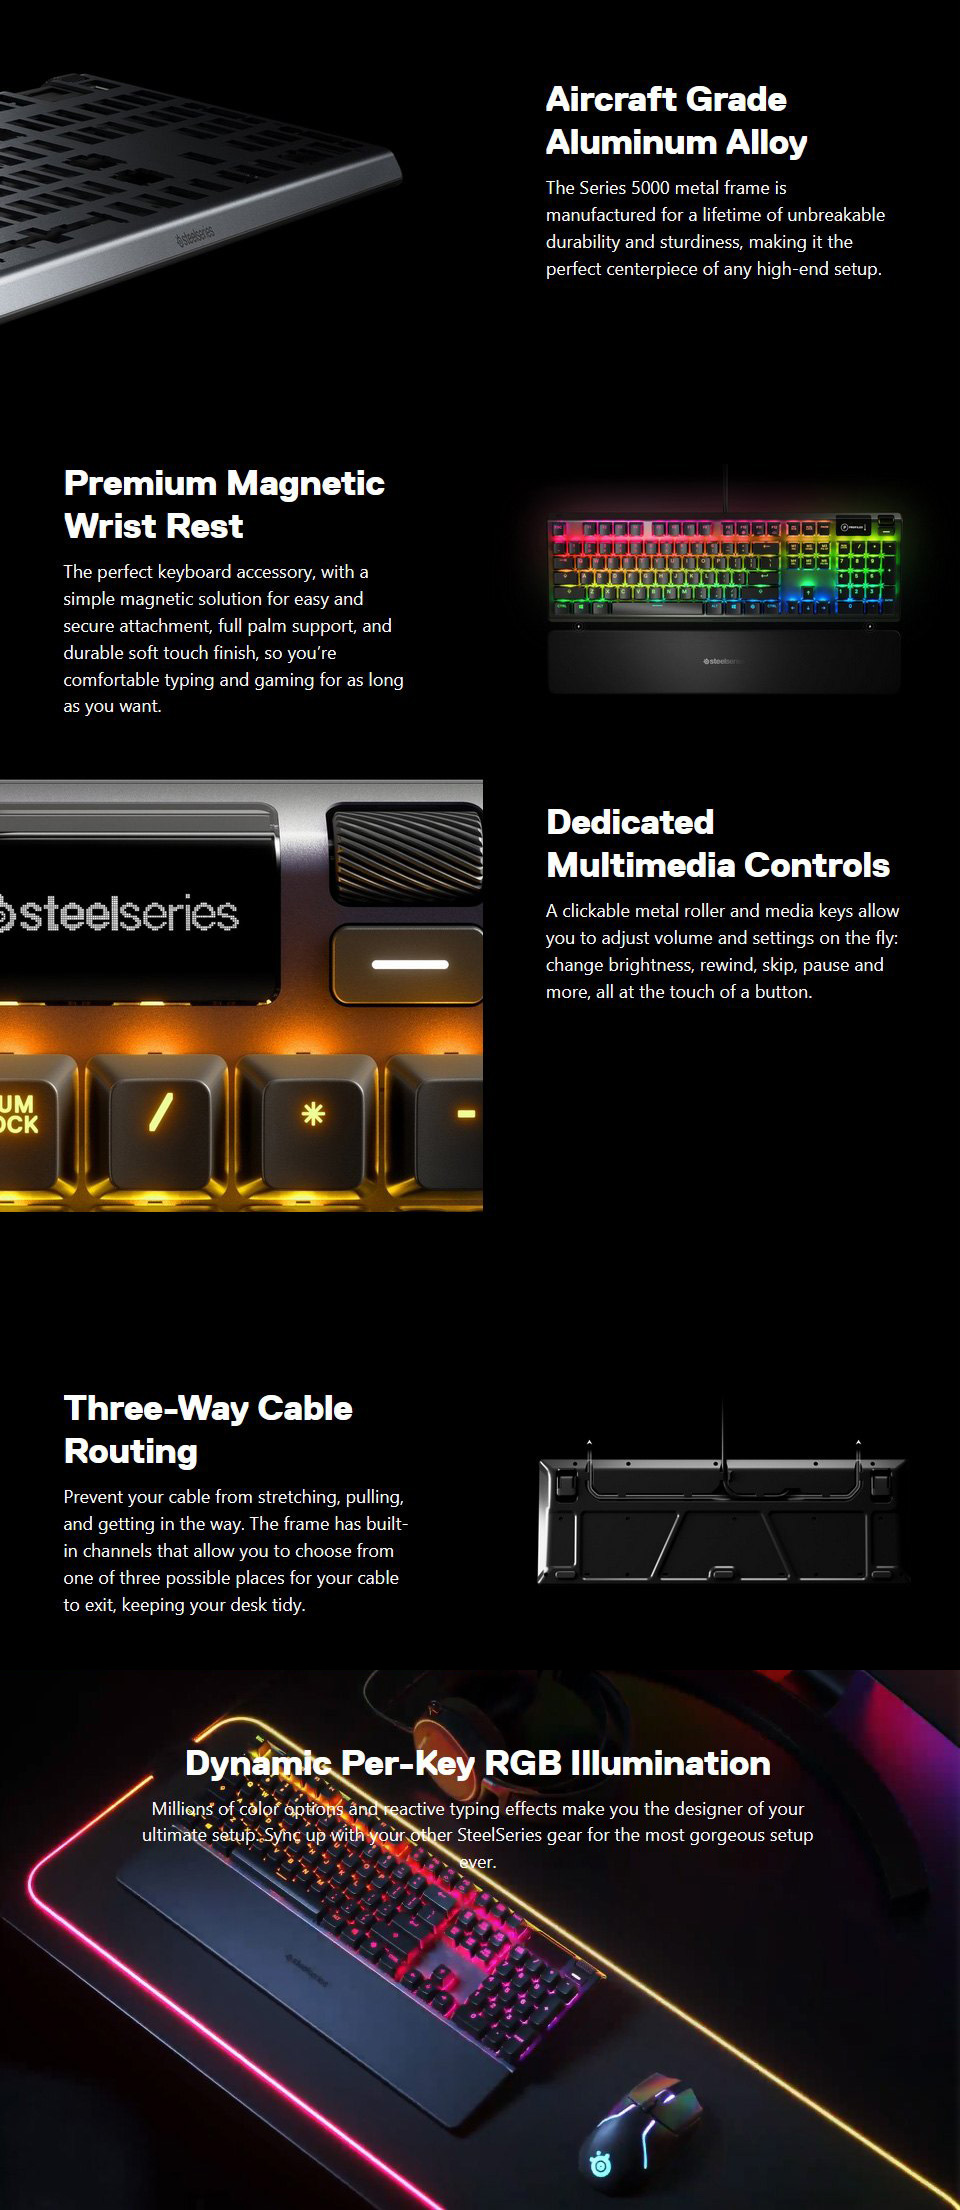 SteelSeries Apex 5 Hybrid RGB Gaming Keyboard features 2